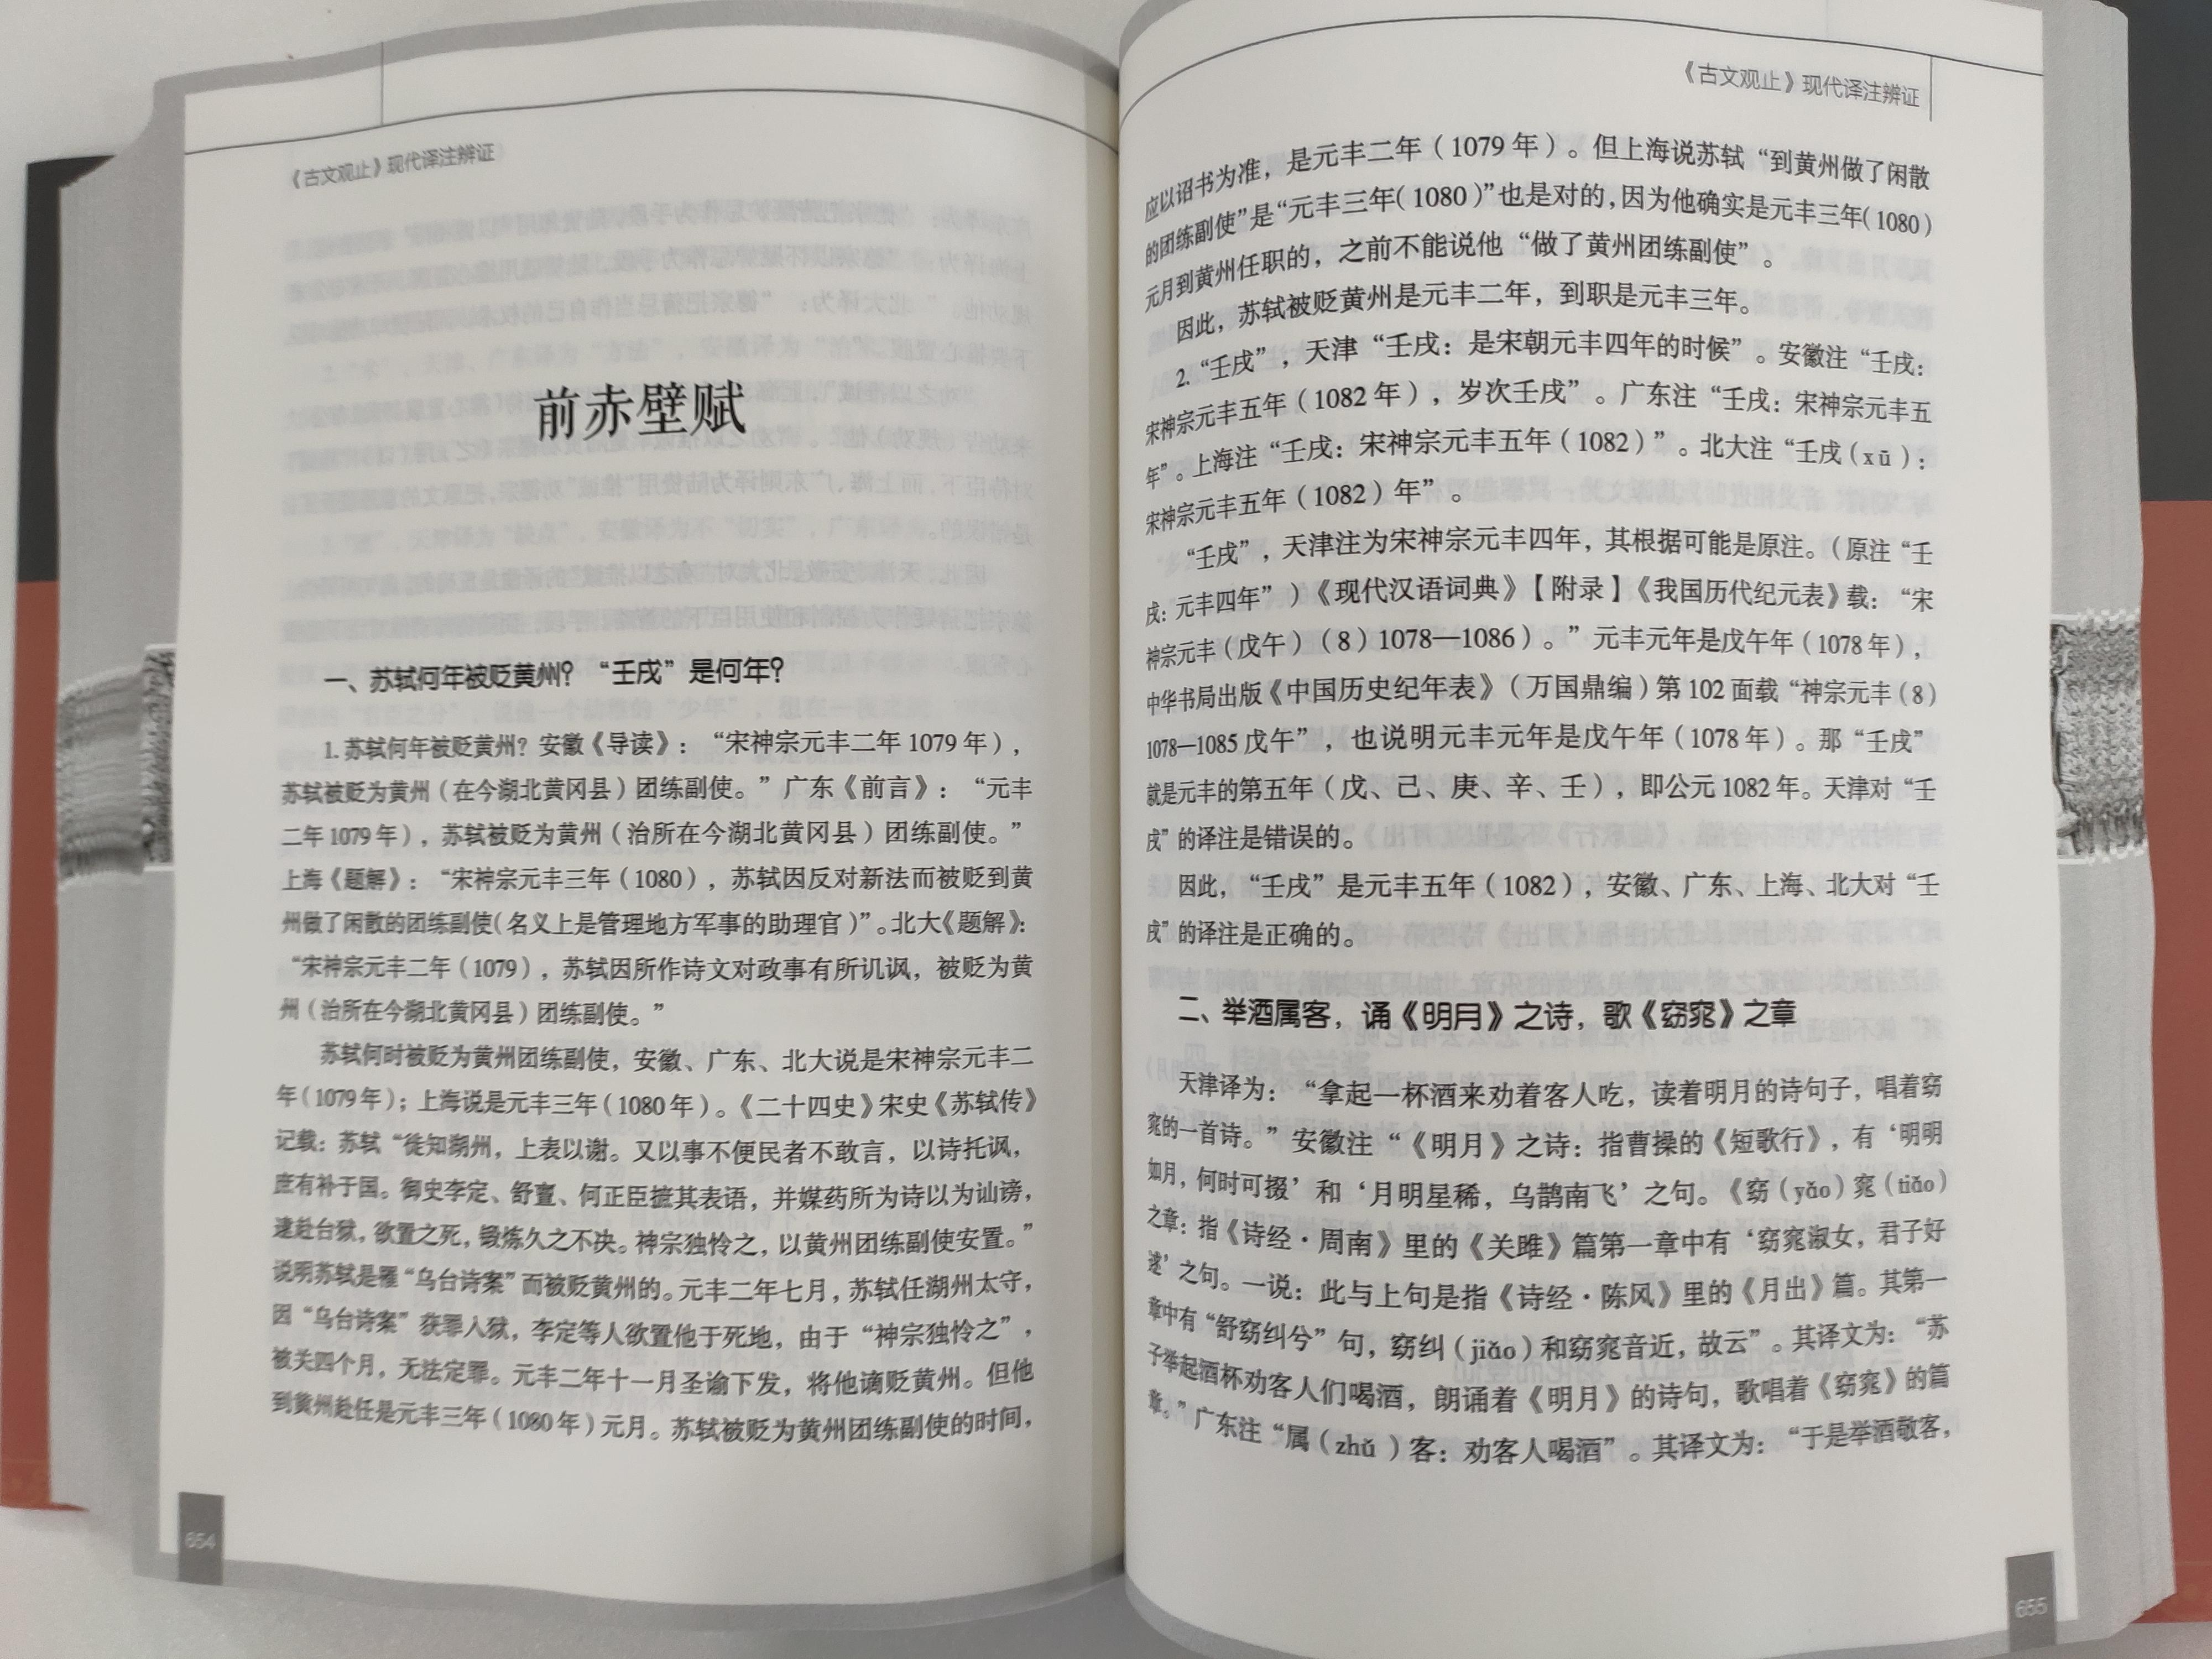 读书发现错误 姚才高写出70万字《<古文观止>现代译注辨正》